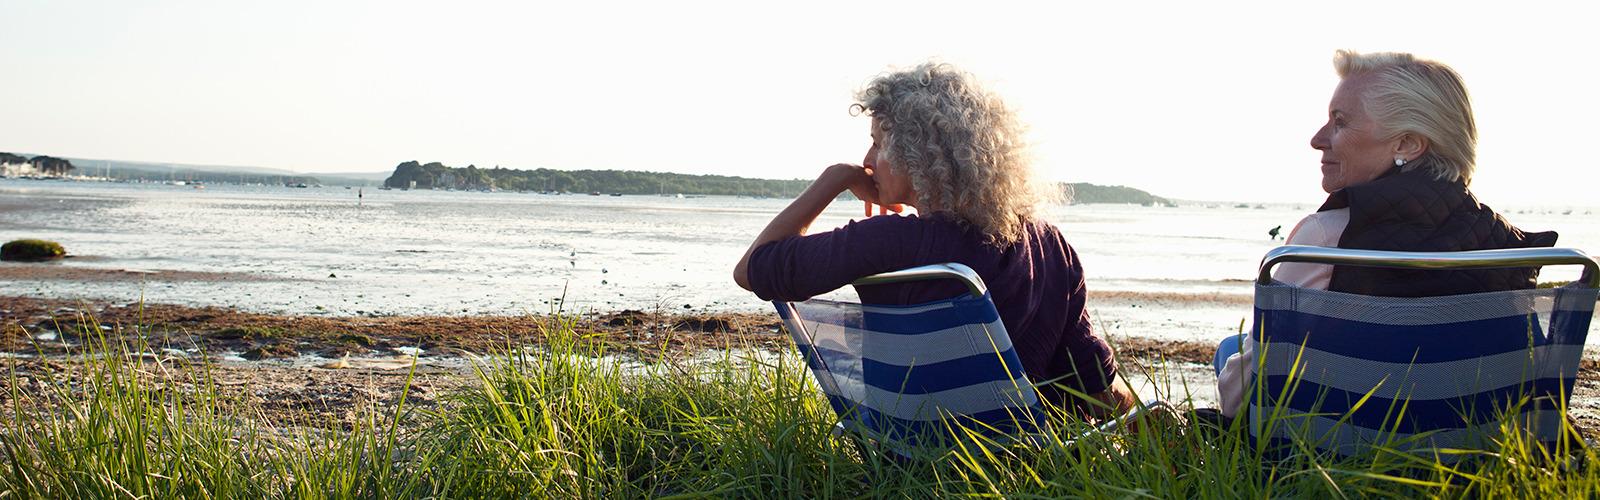 Дві літні жінки насолоджуються краєвидом на пляжі